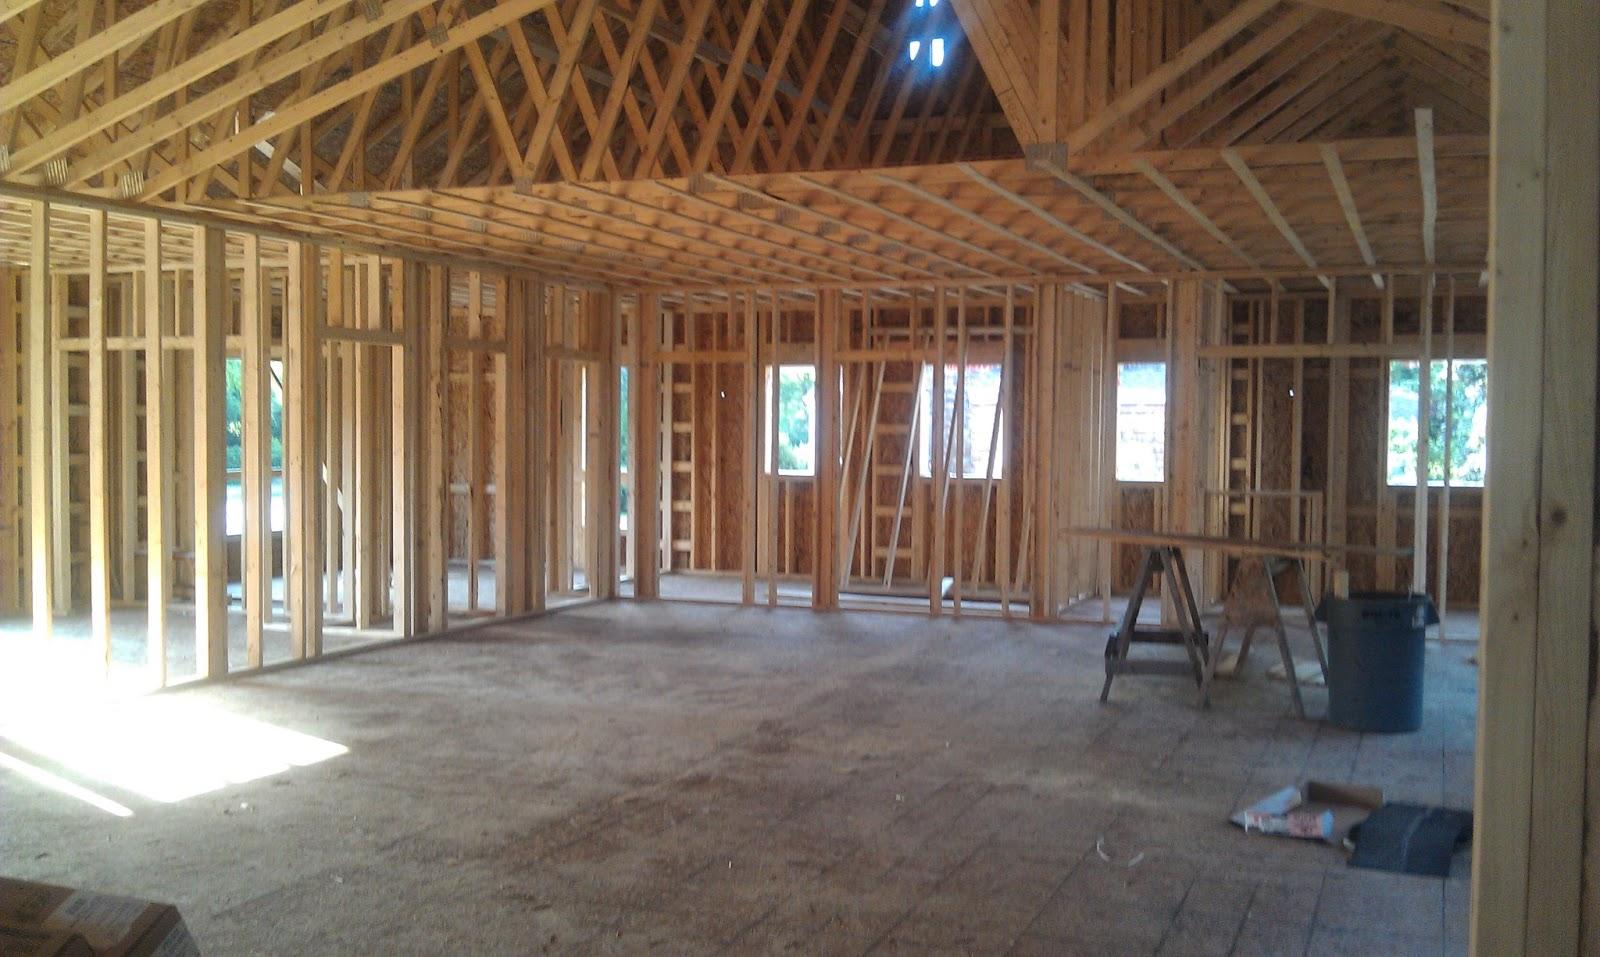 The Impatient Home Builder